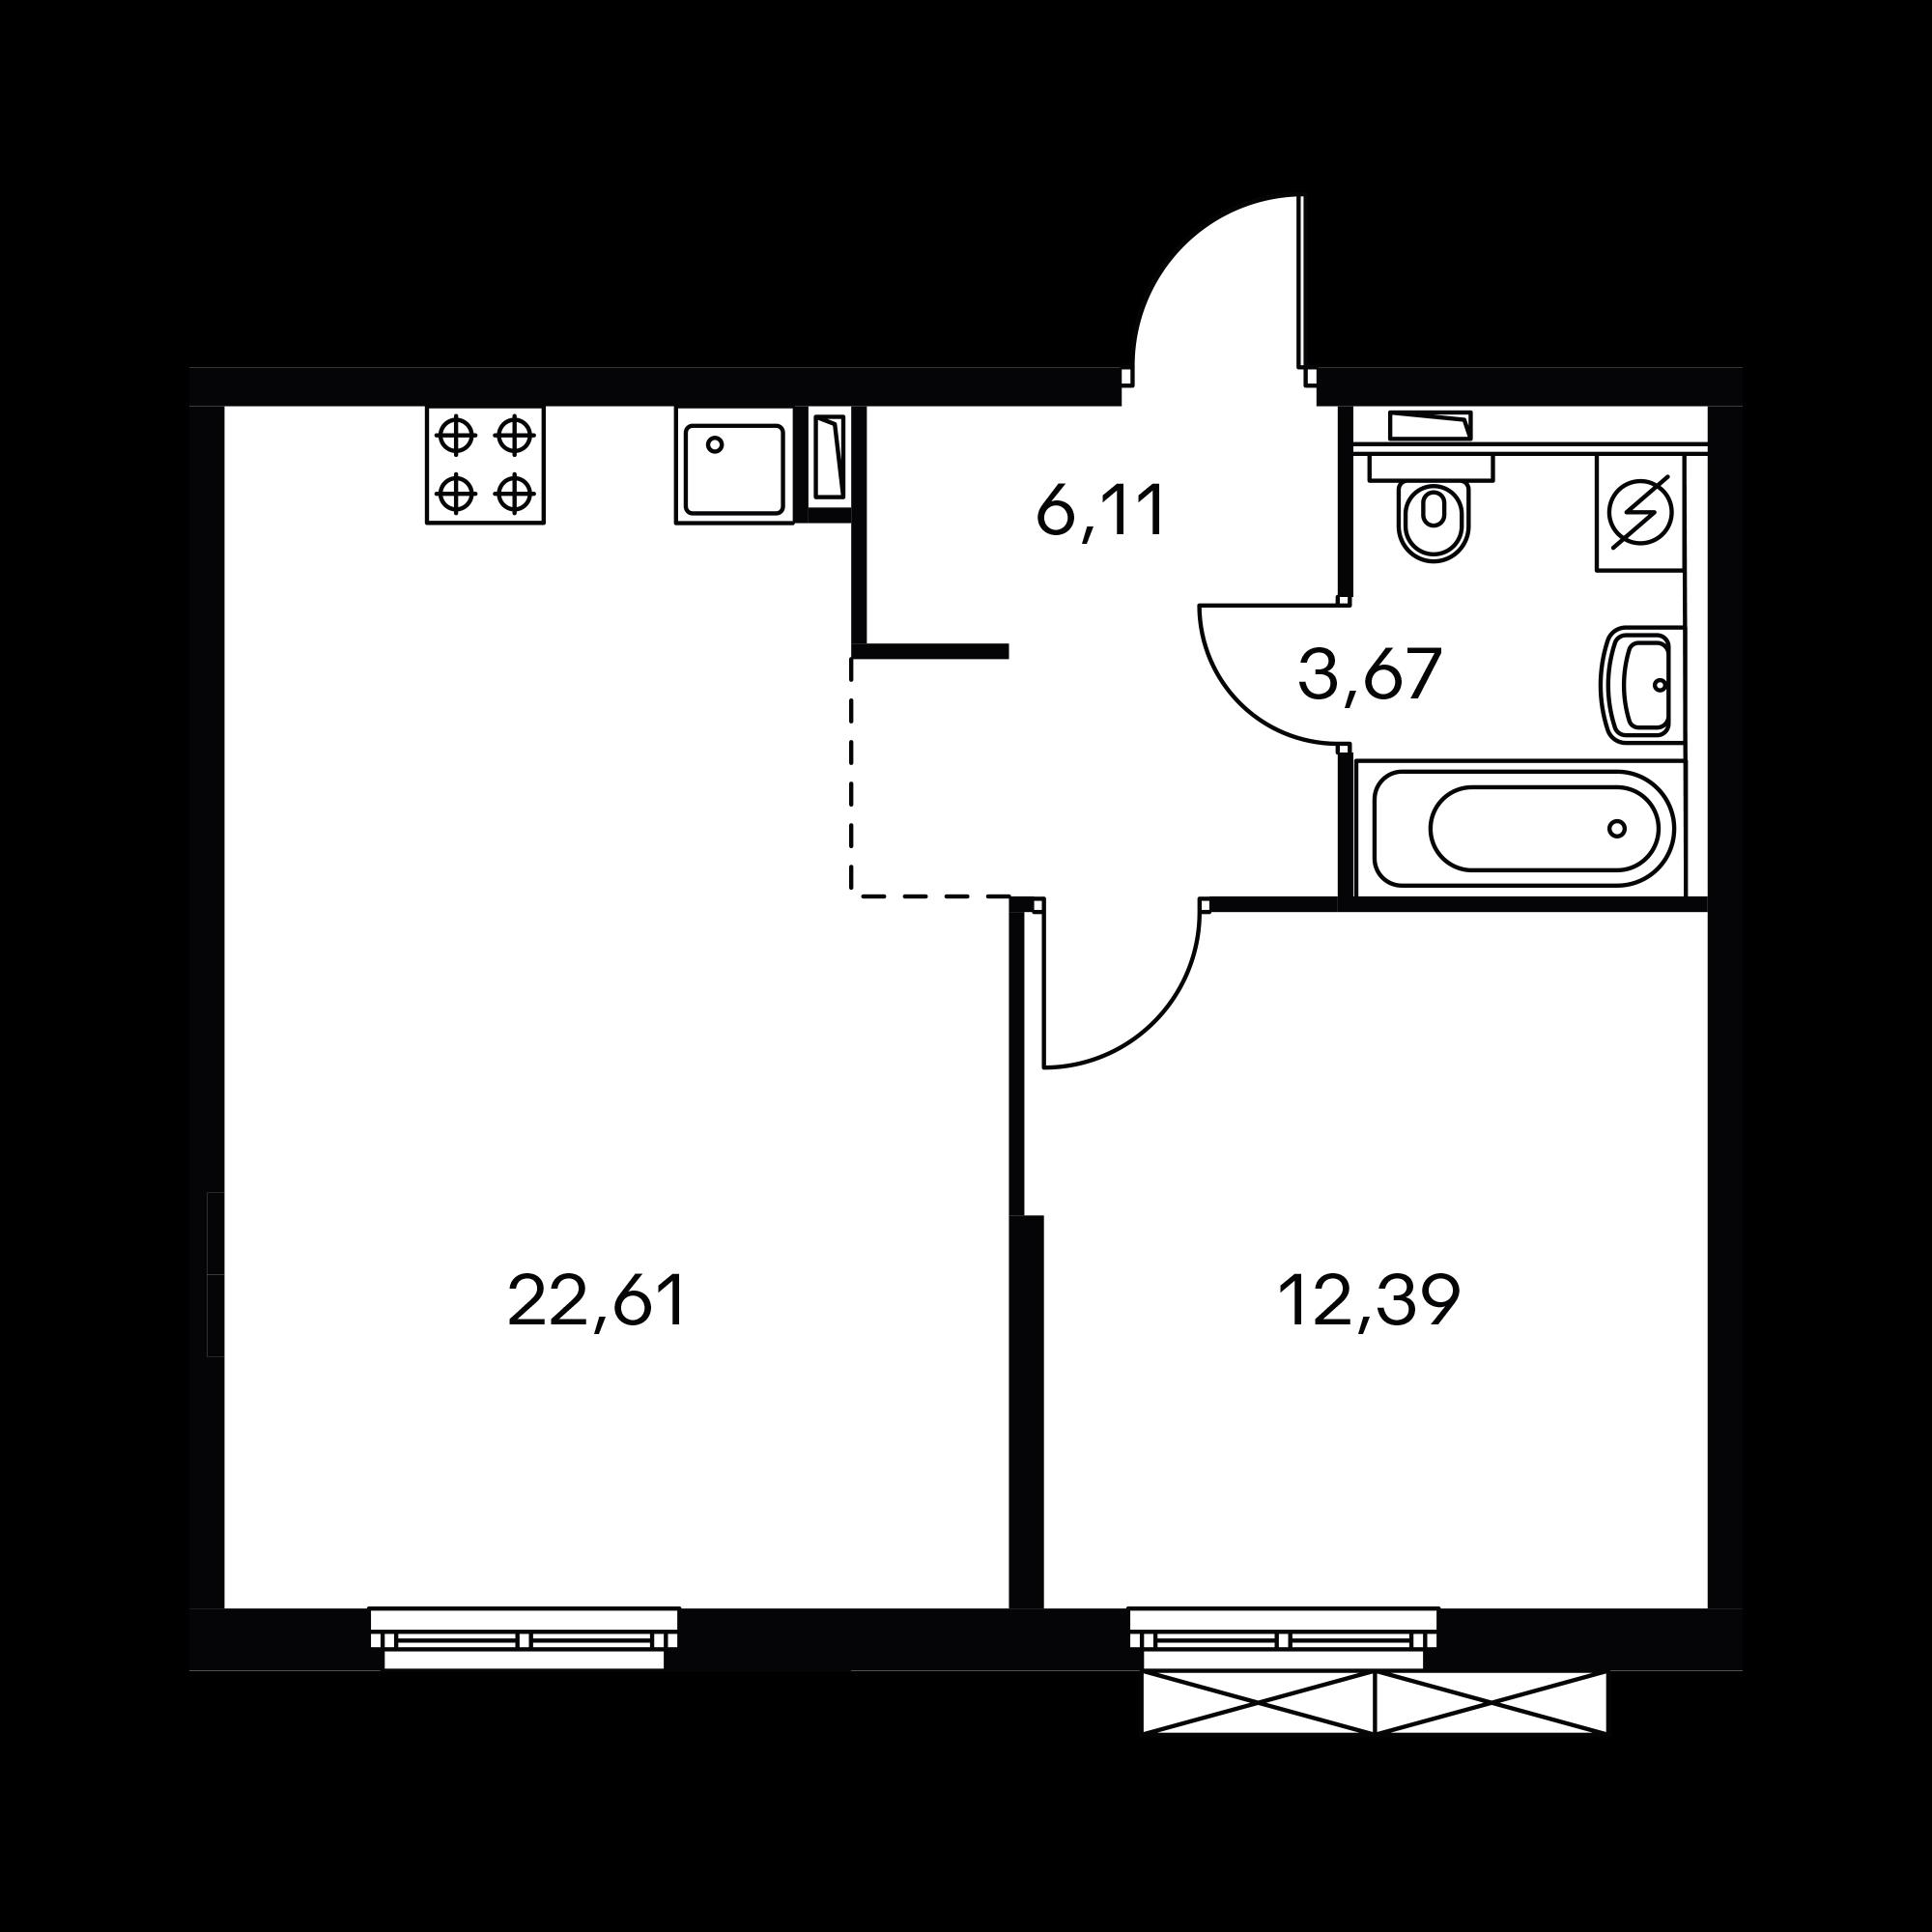 1EL5_7.8-1_S_Z4